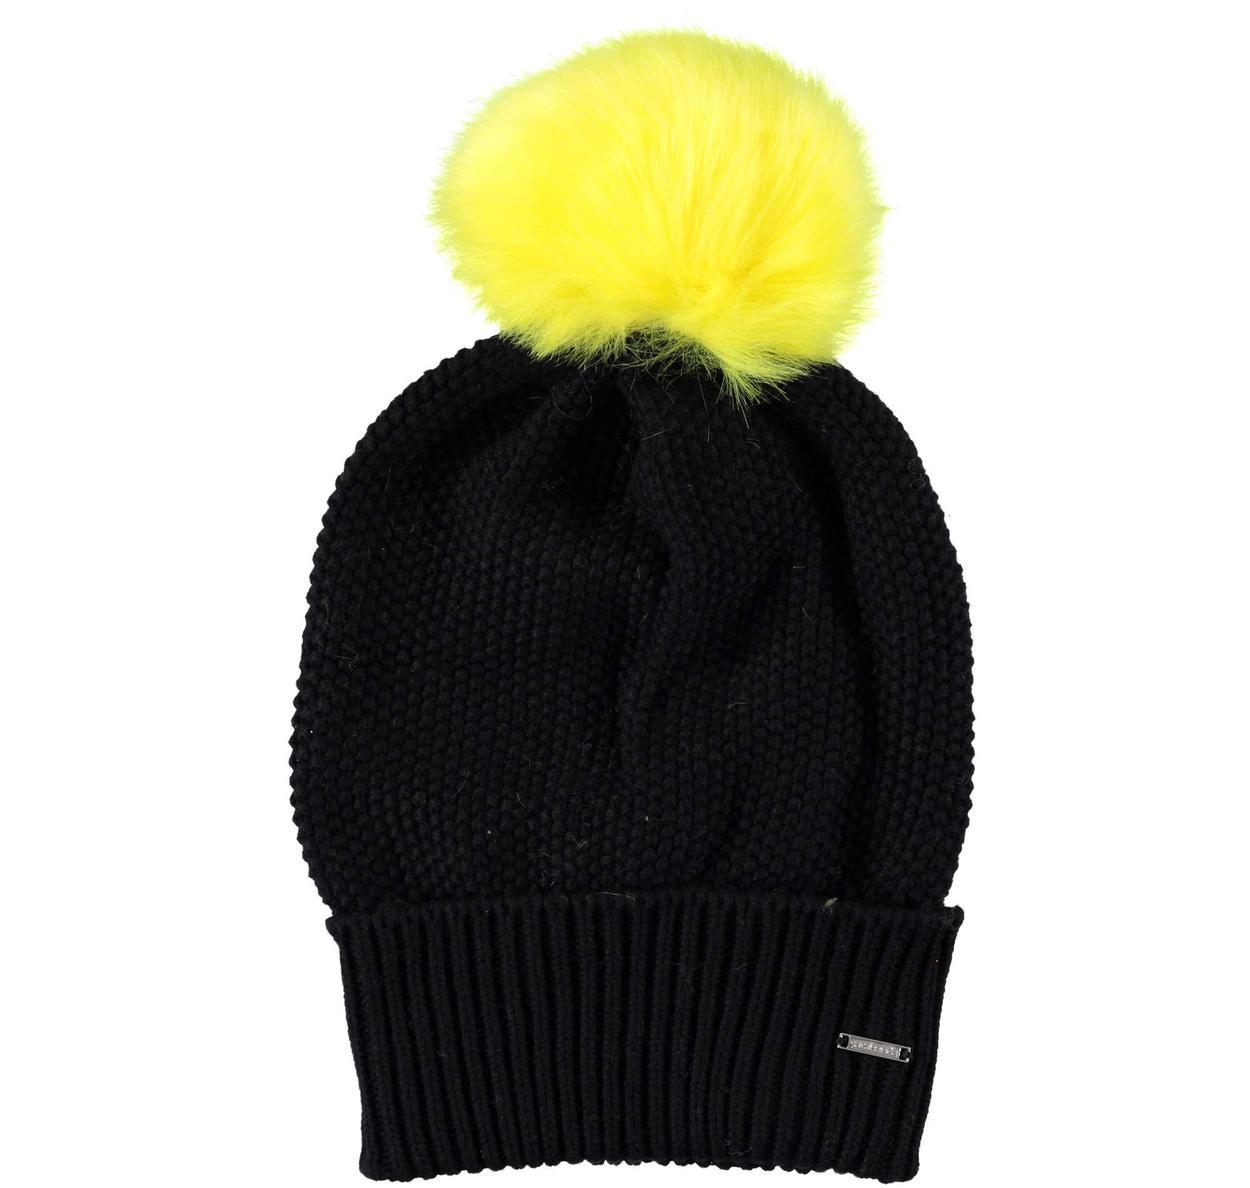 Cappello modello cuffia con pon pon per bambina da 6 a 16 anni Sarabanda.  GIALLO-1433 back. NERO-0658 f0e2d6c0e54b